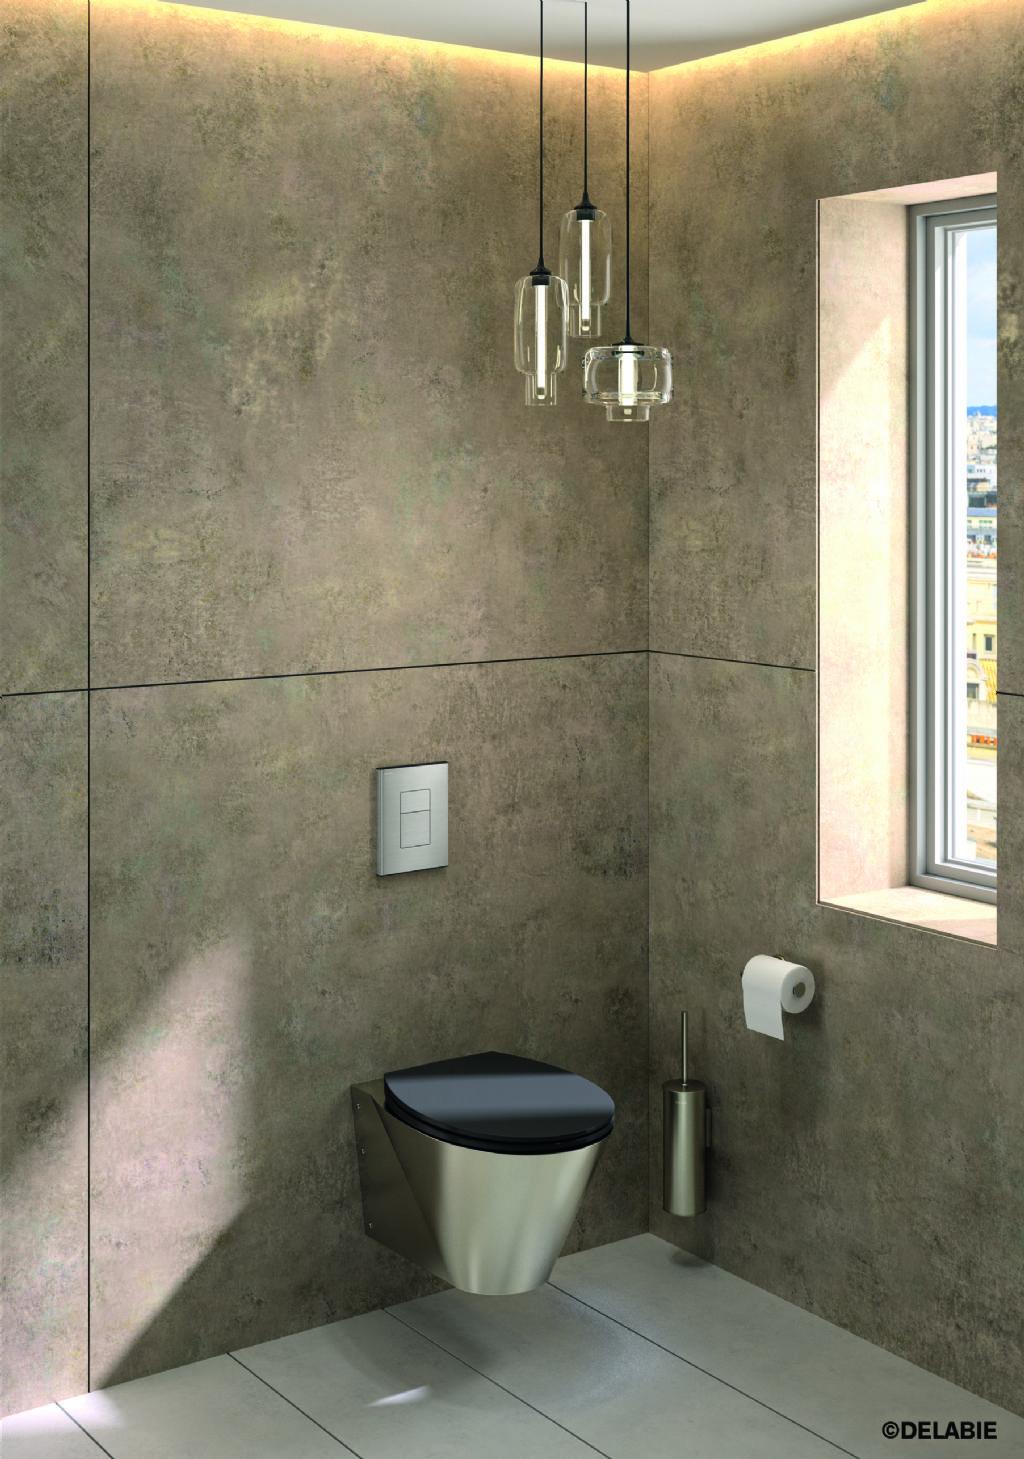 De voordelen van directe spoeling in openbare toiletten